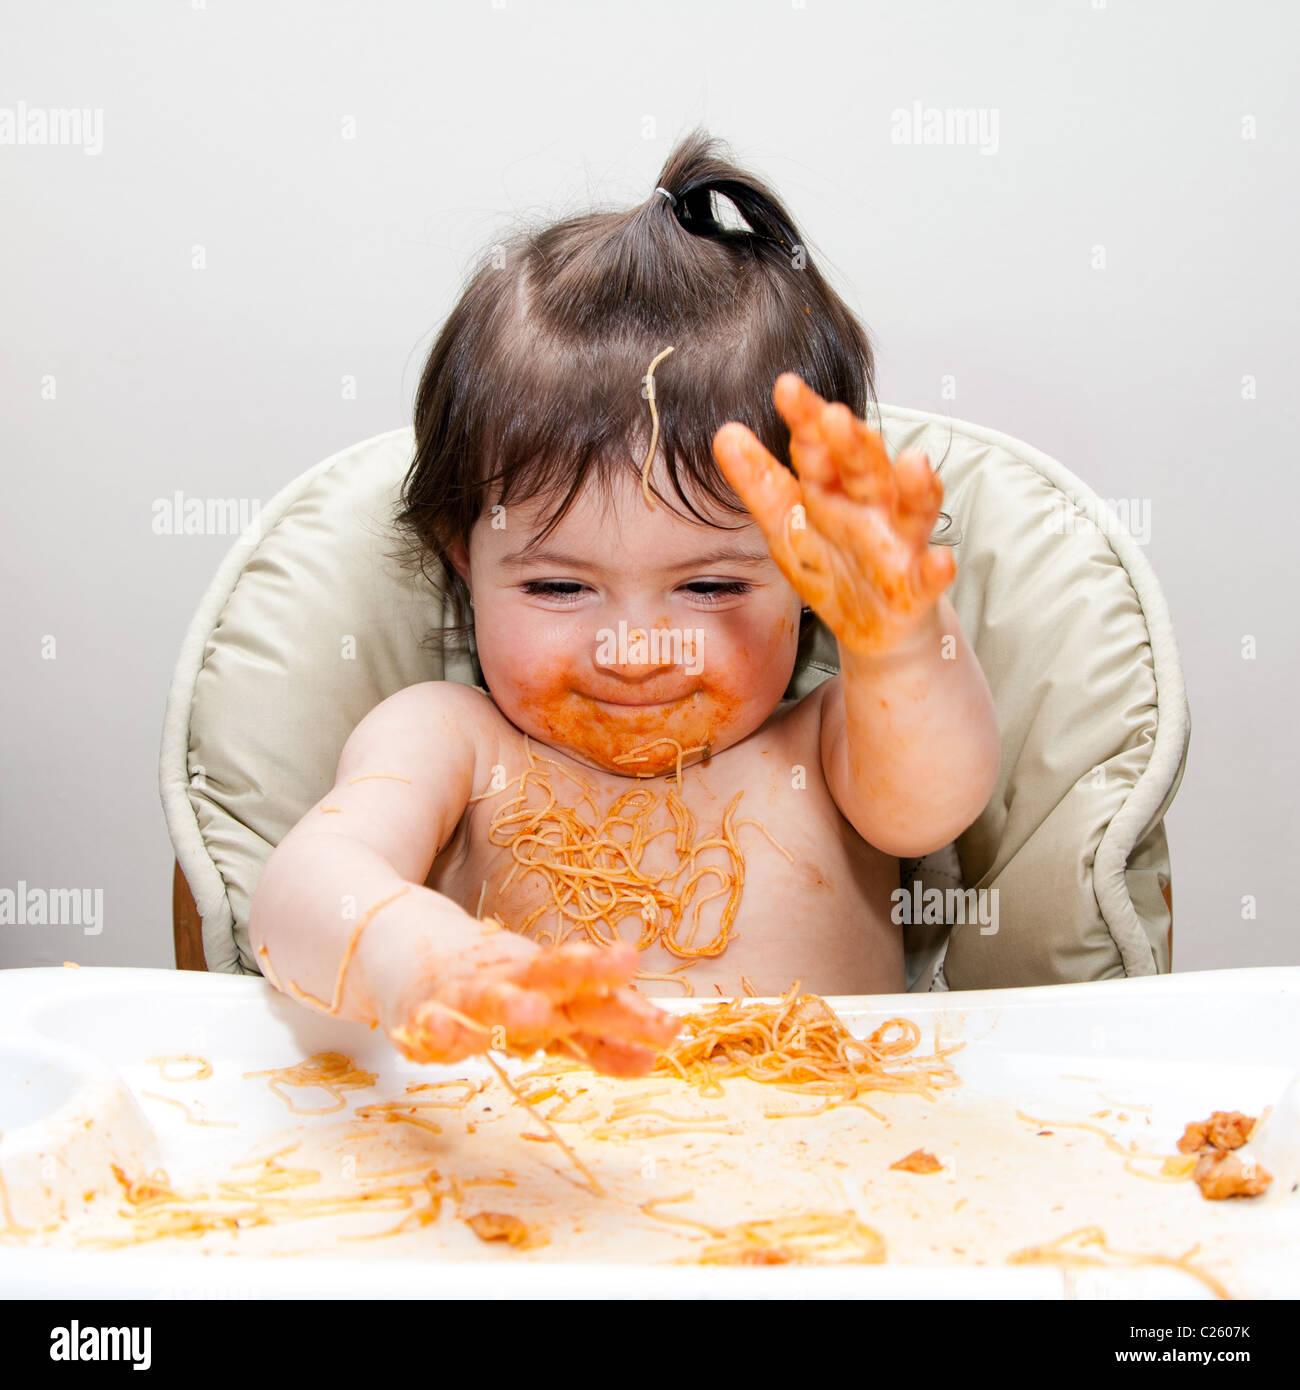 Glückliches Baby Spaß Essen chaotisch slapping Hände in Angel Hair Pasta Spaghetti rot marinara Tomatensauce Stockbild